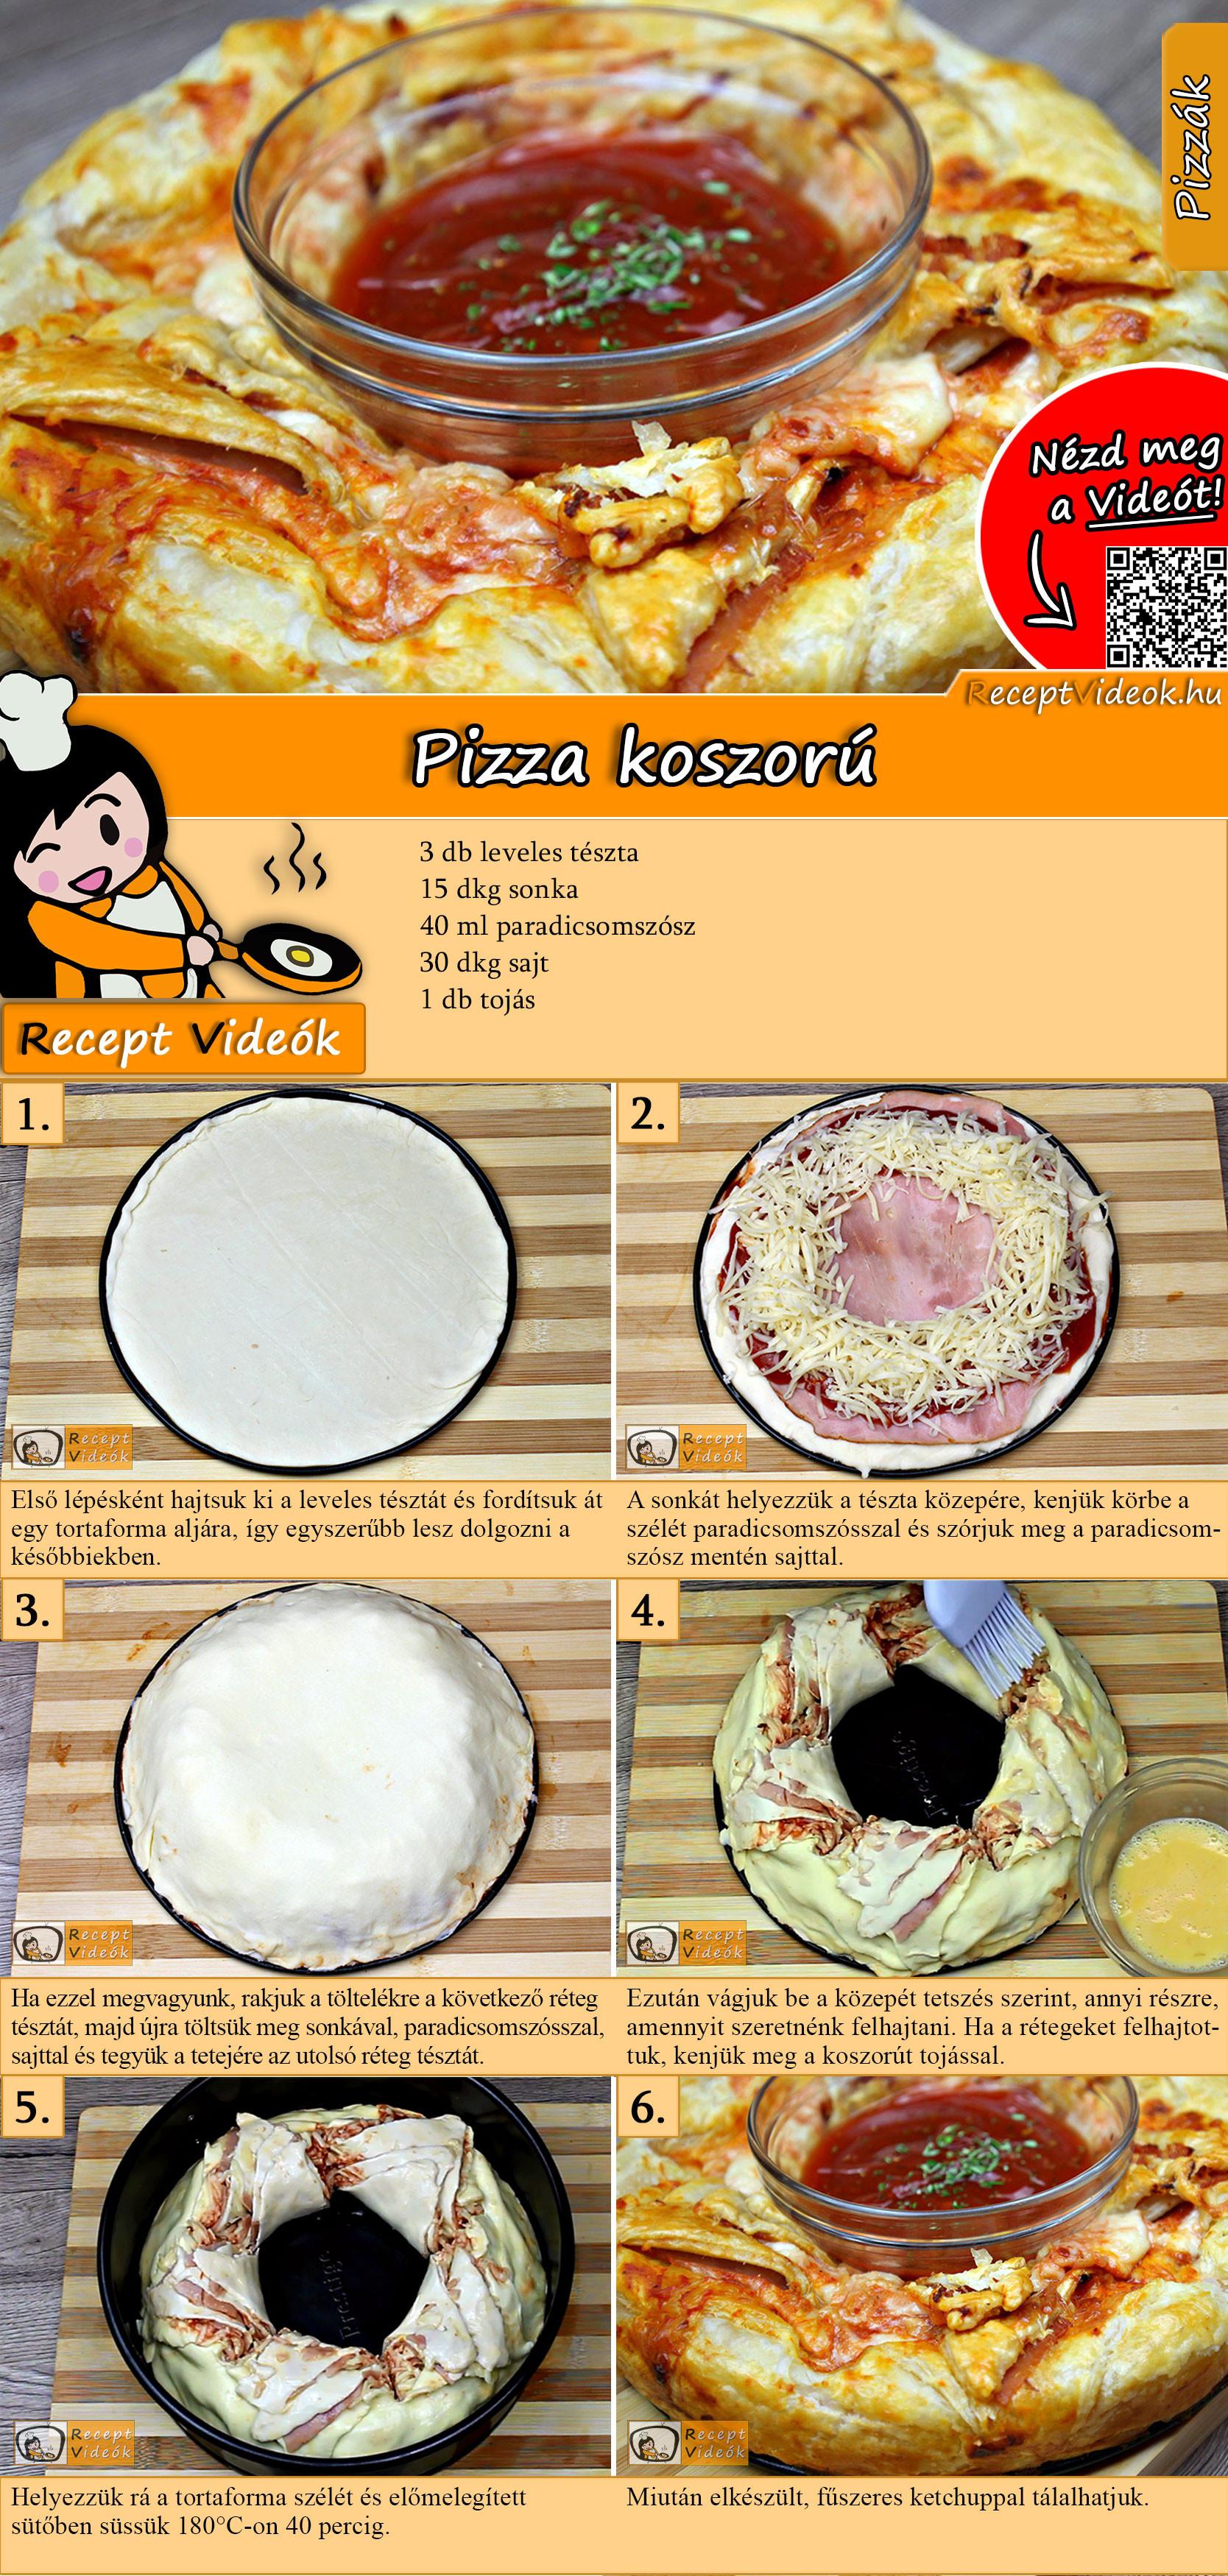 Pizza koszorú recept elkészítése videóval